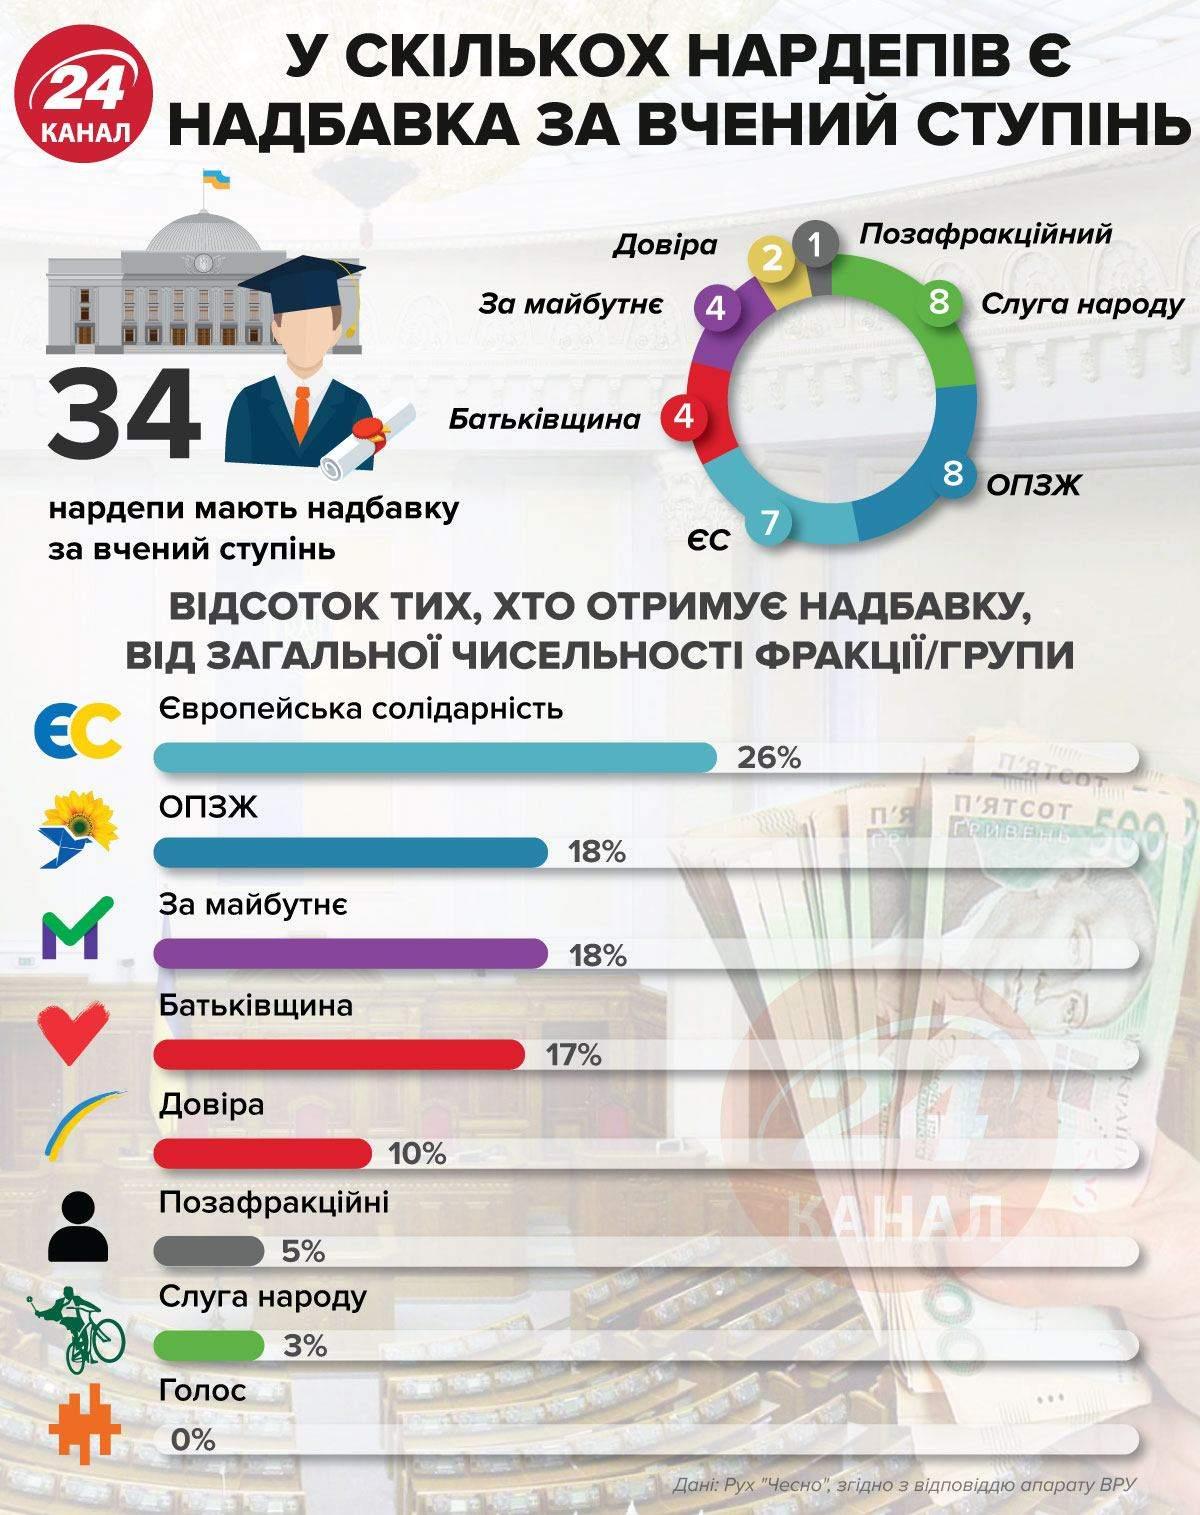 Надбавки депутатов за ученые звания / Инфографика 24 каналу